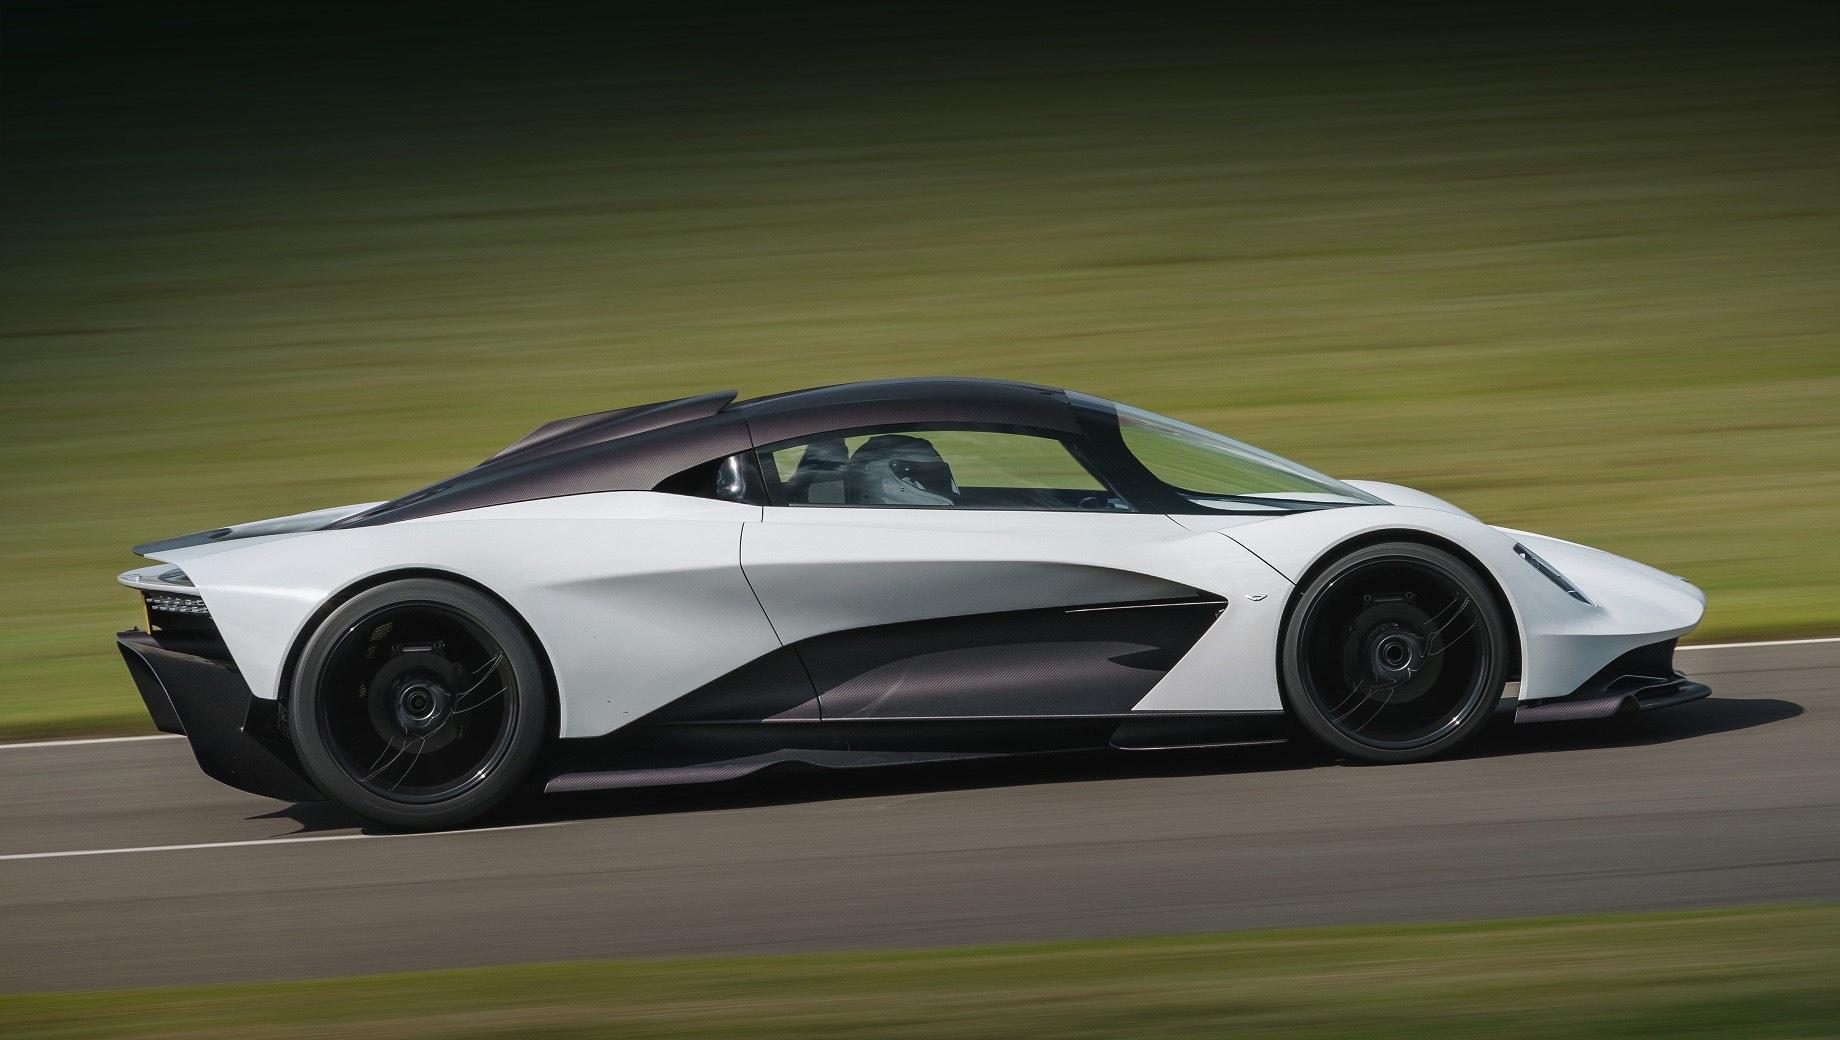 Aston martin valhalla,Mercedes -amg,Mercedes e performance. Серийный гиперкар Aston Martin Valhalla дебютирует в этом году, но его поставки начнутся через пару лет, а не в 2022-м. Заказы на купе начали принимать ещё в то время, когда для Вальгаллы планировалась силовая установка собственной разработки.